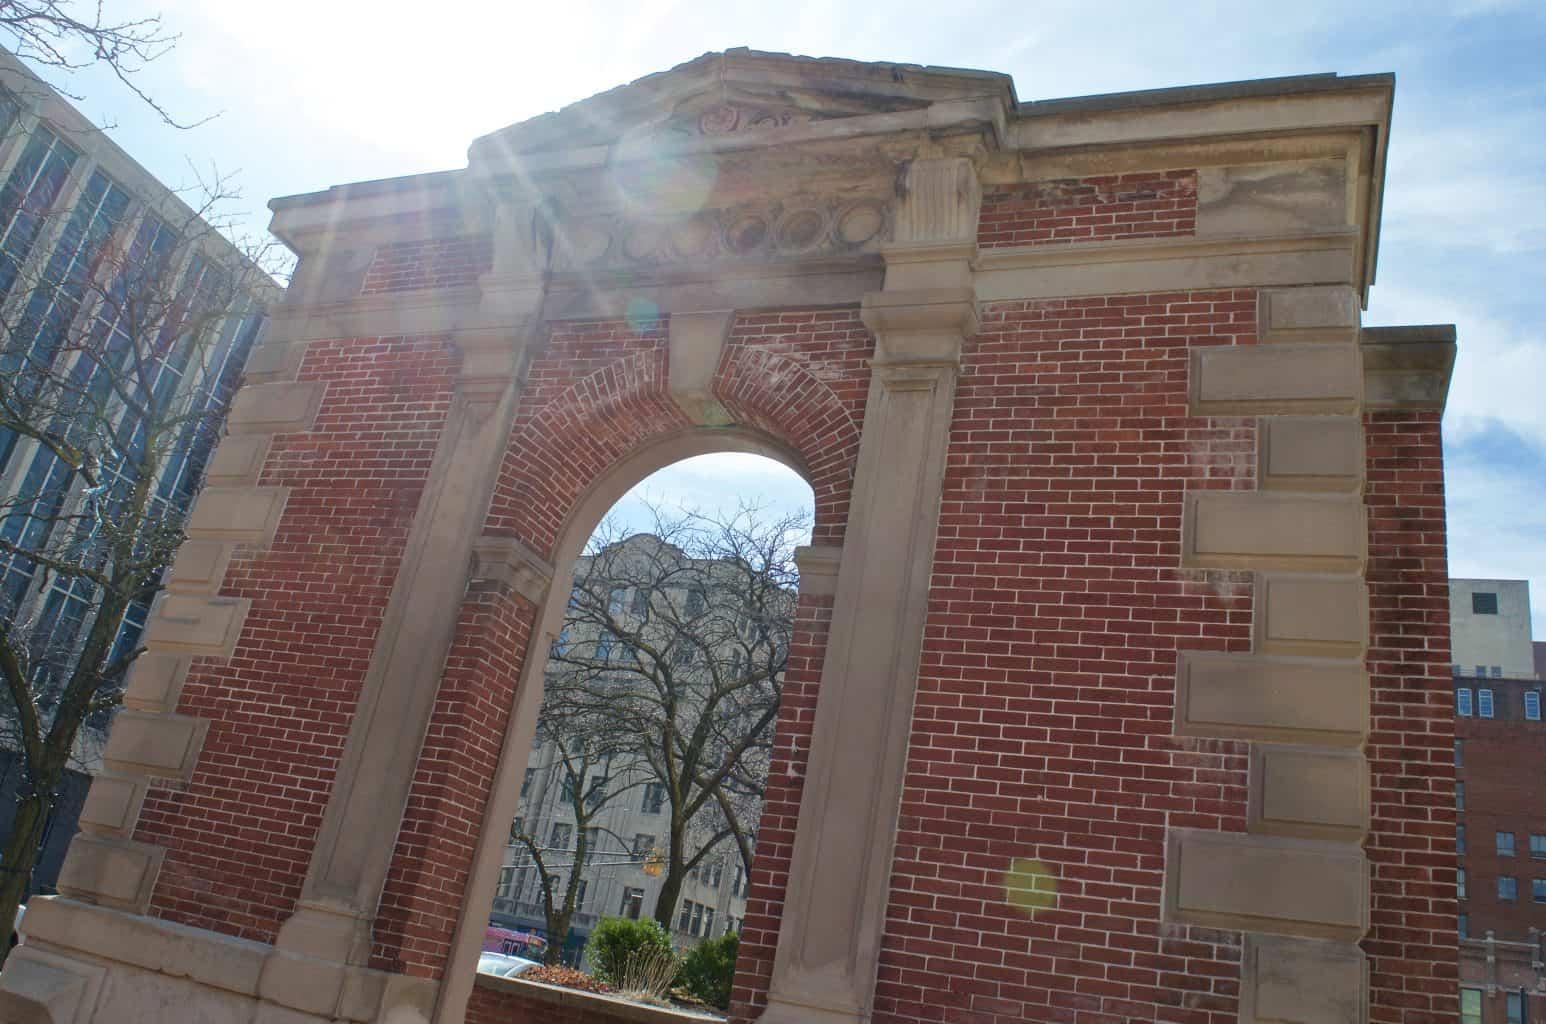 historic brick wall at City Market Indianapolis, Indiana